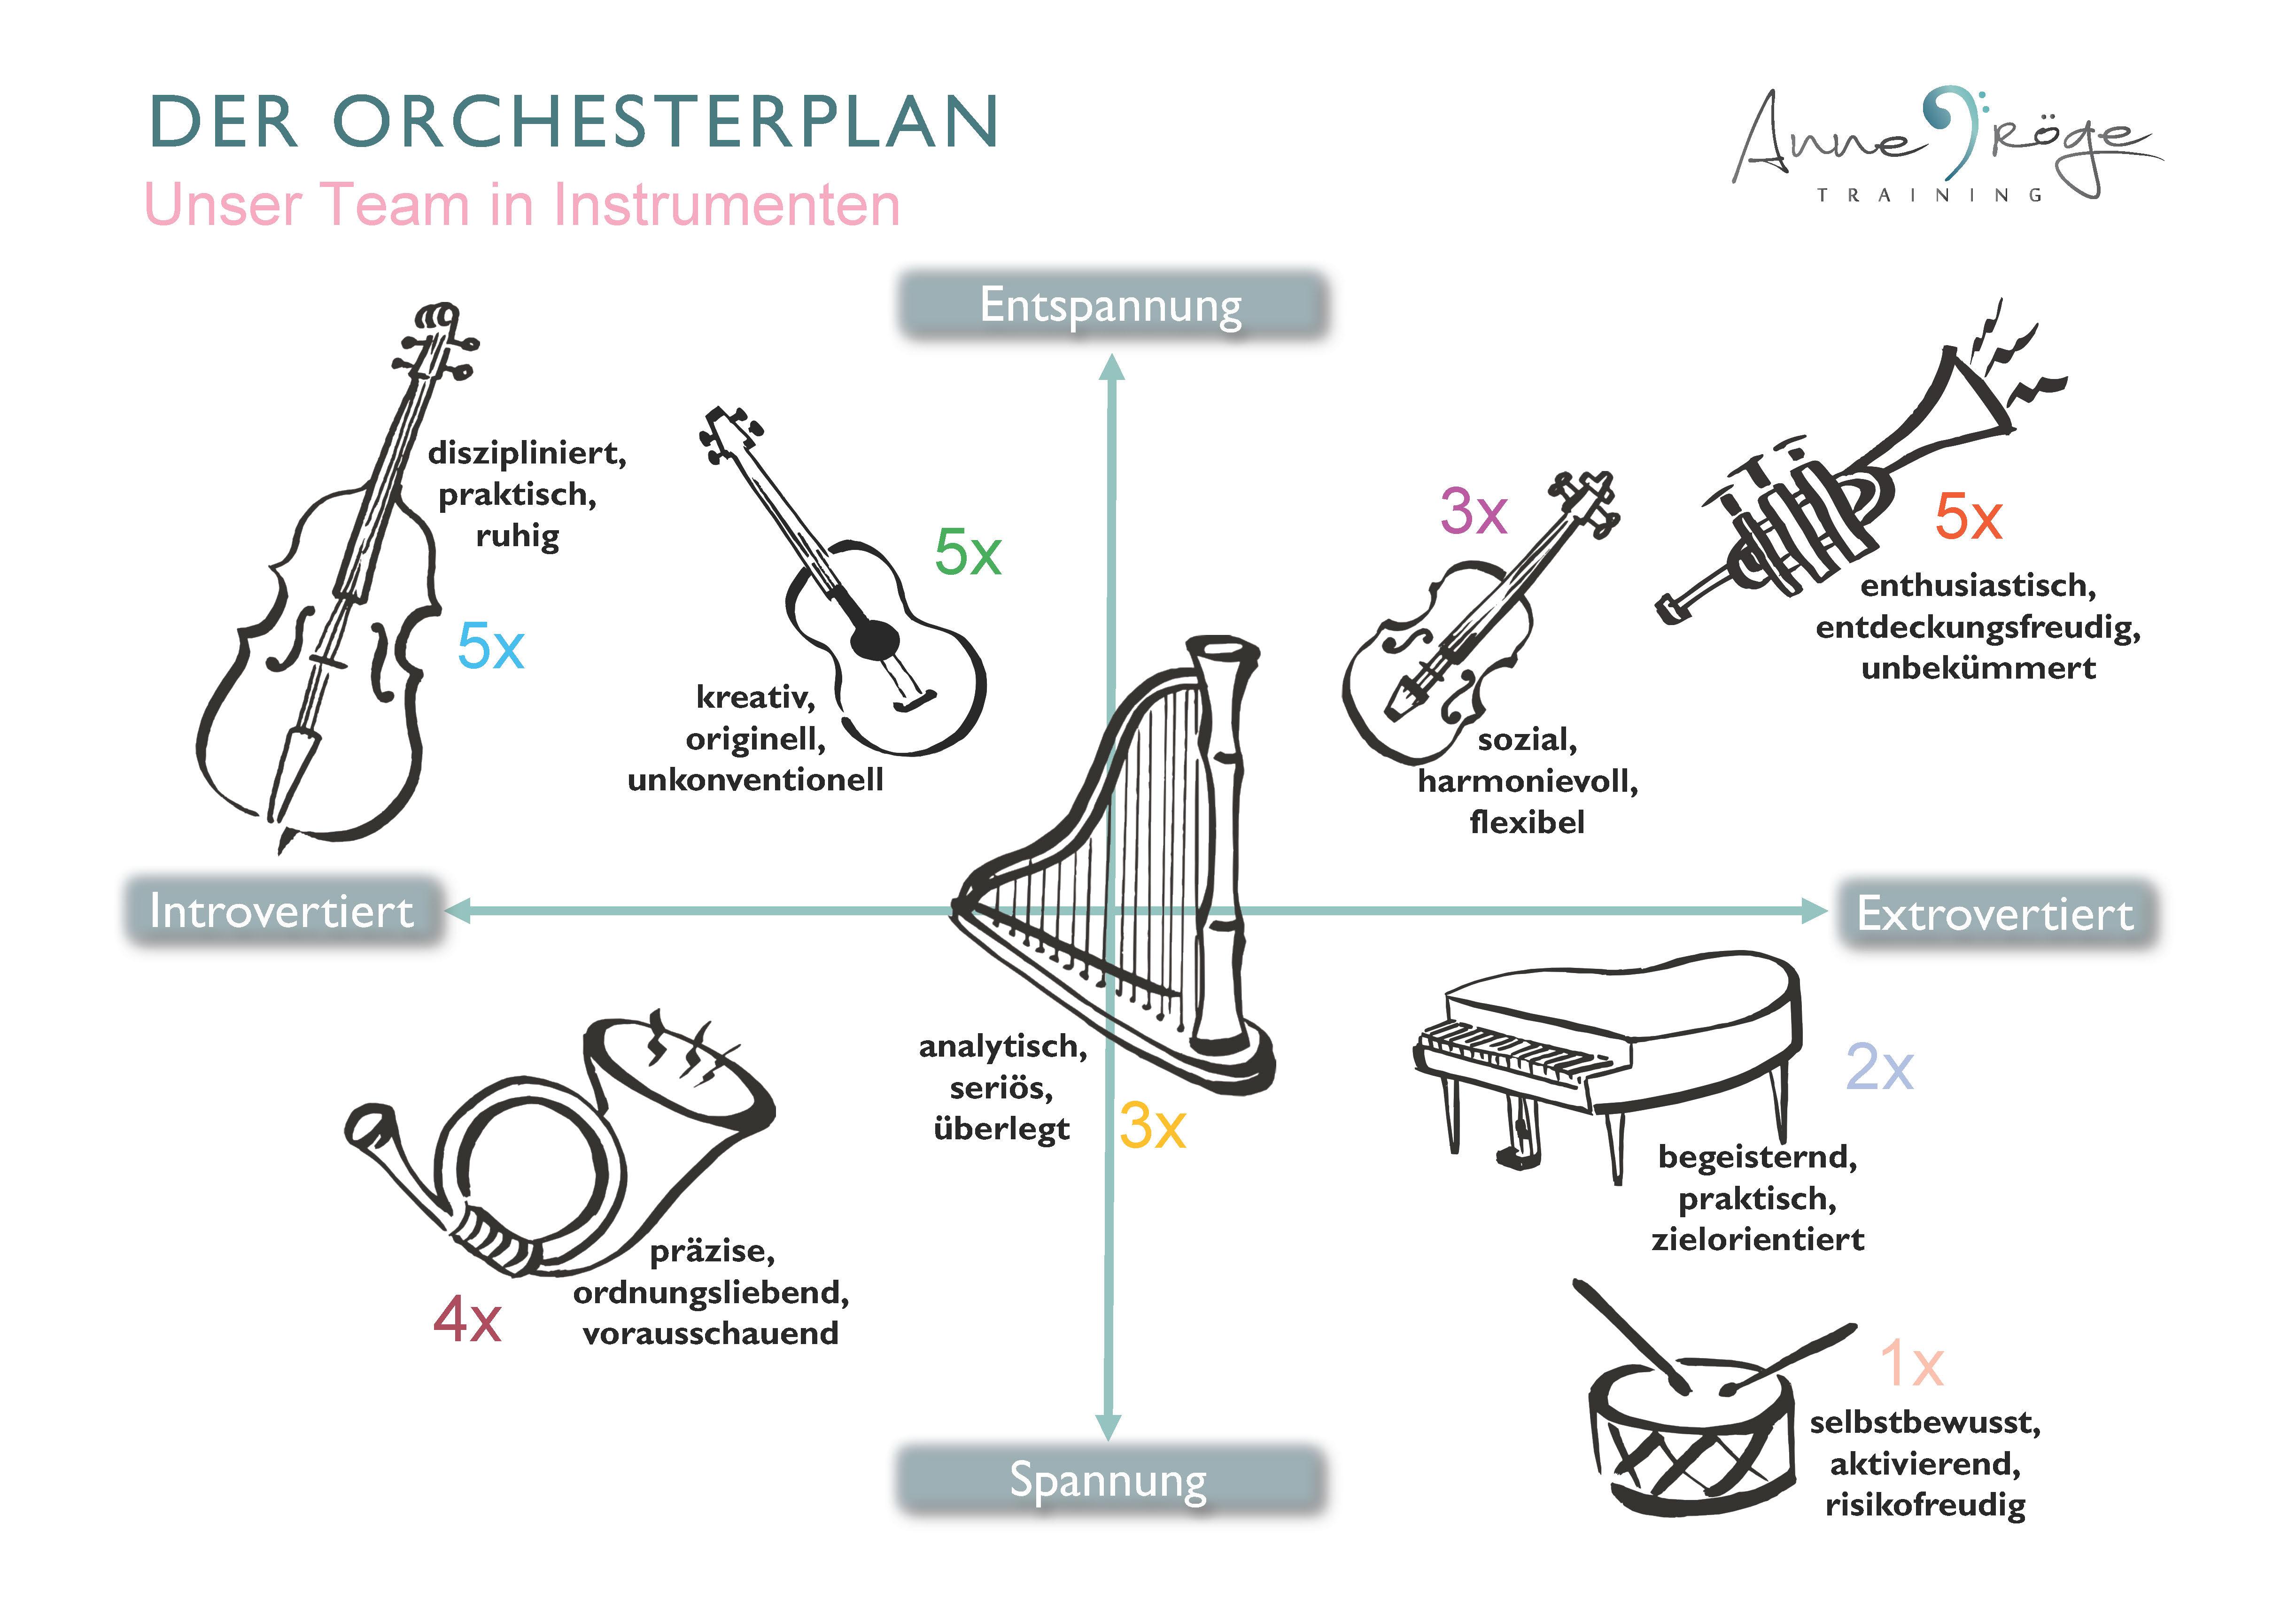 Absatzsteigerung durch Teamtraining mithilfe eines Orchesterplans